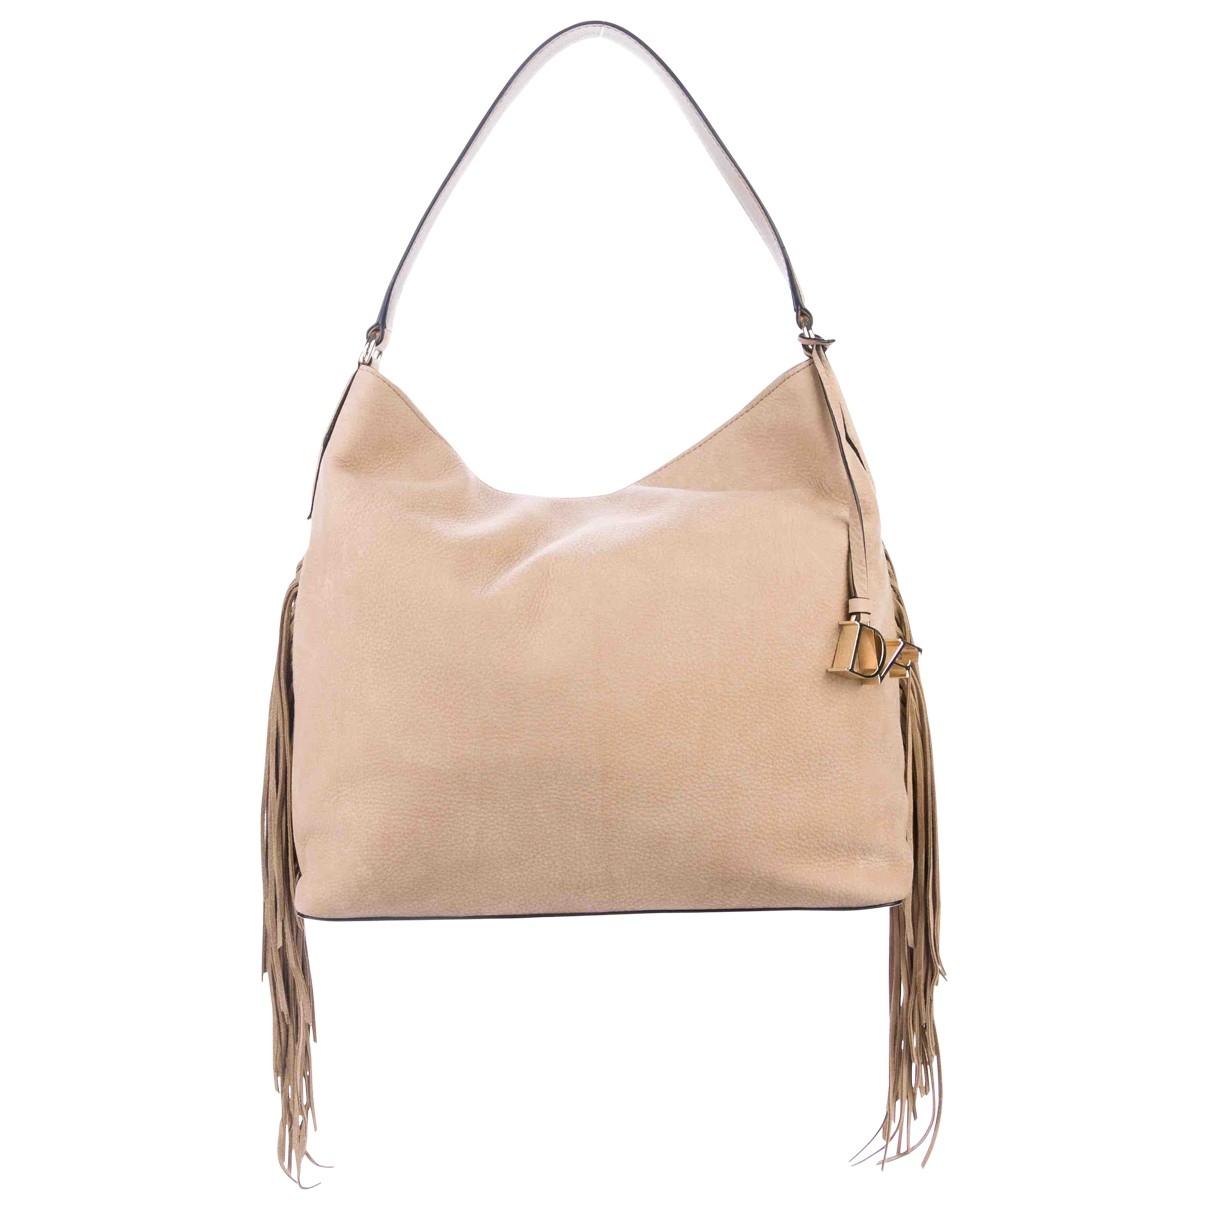 Diane Von Furstenberg \N Beige Leather handbag for Women \N